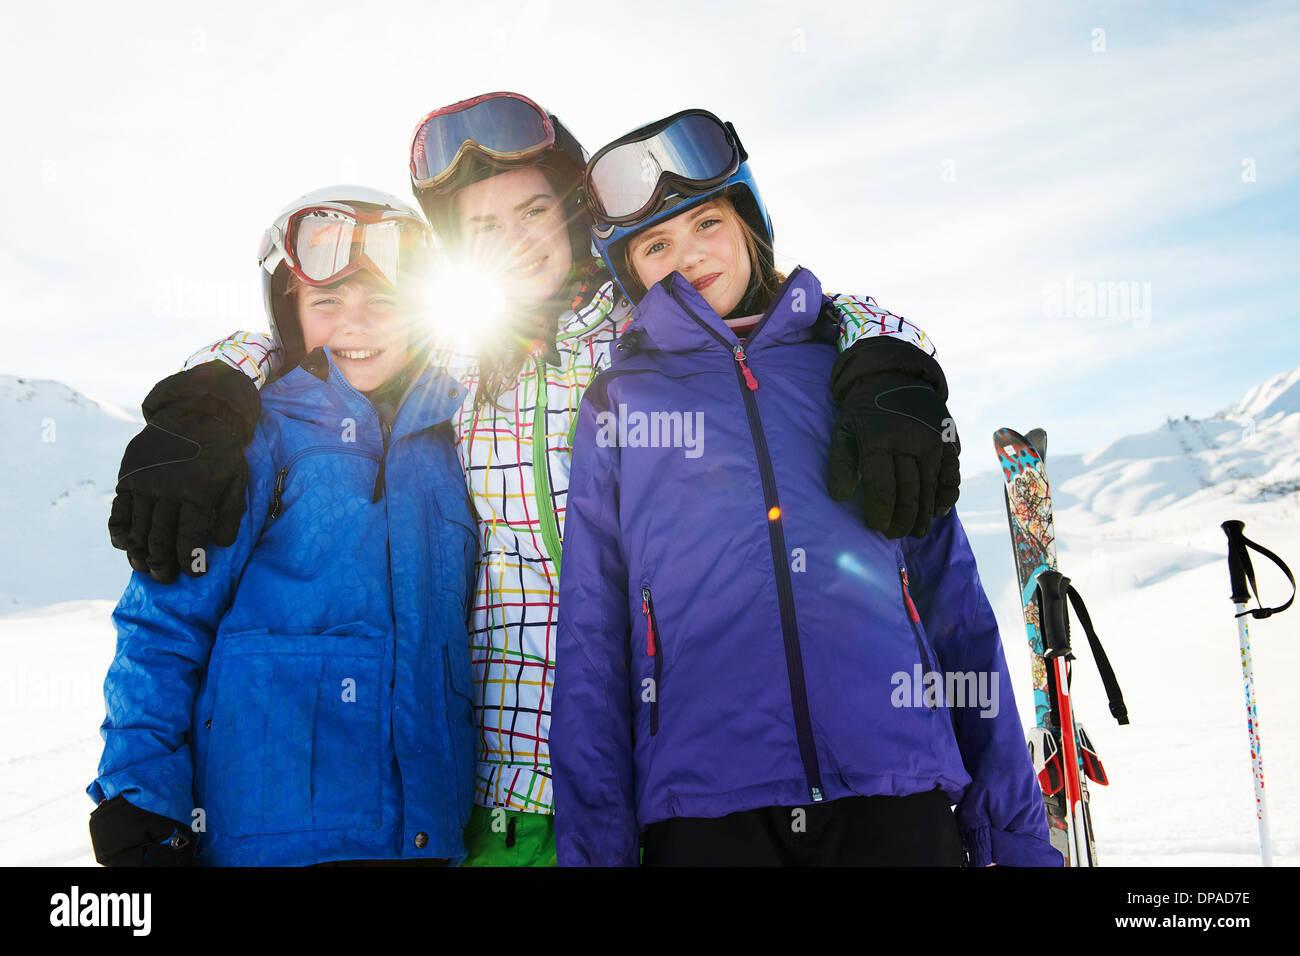 Portrait de frère et soeurs dans la neige, Les Arcs, Haute-Savoie, France Photo Stock